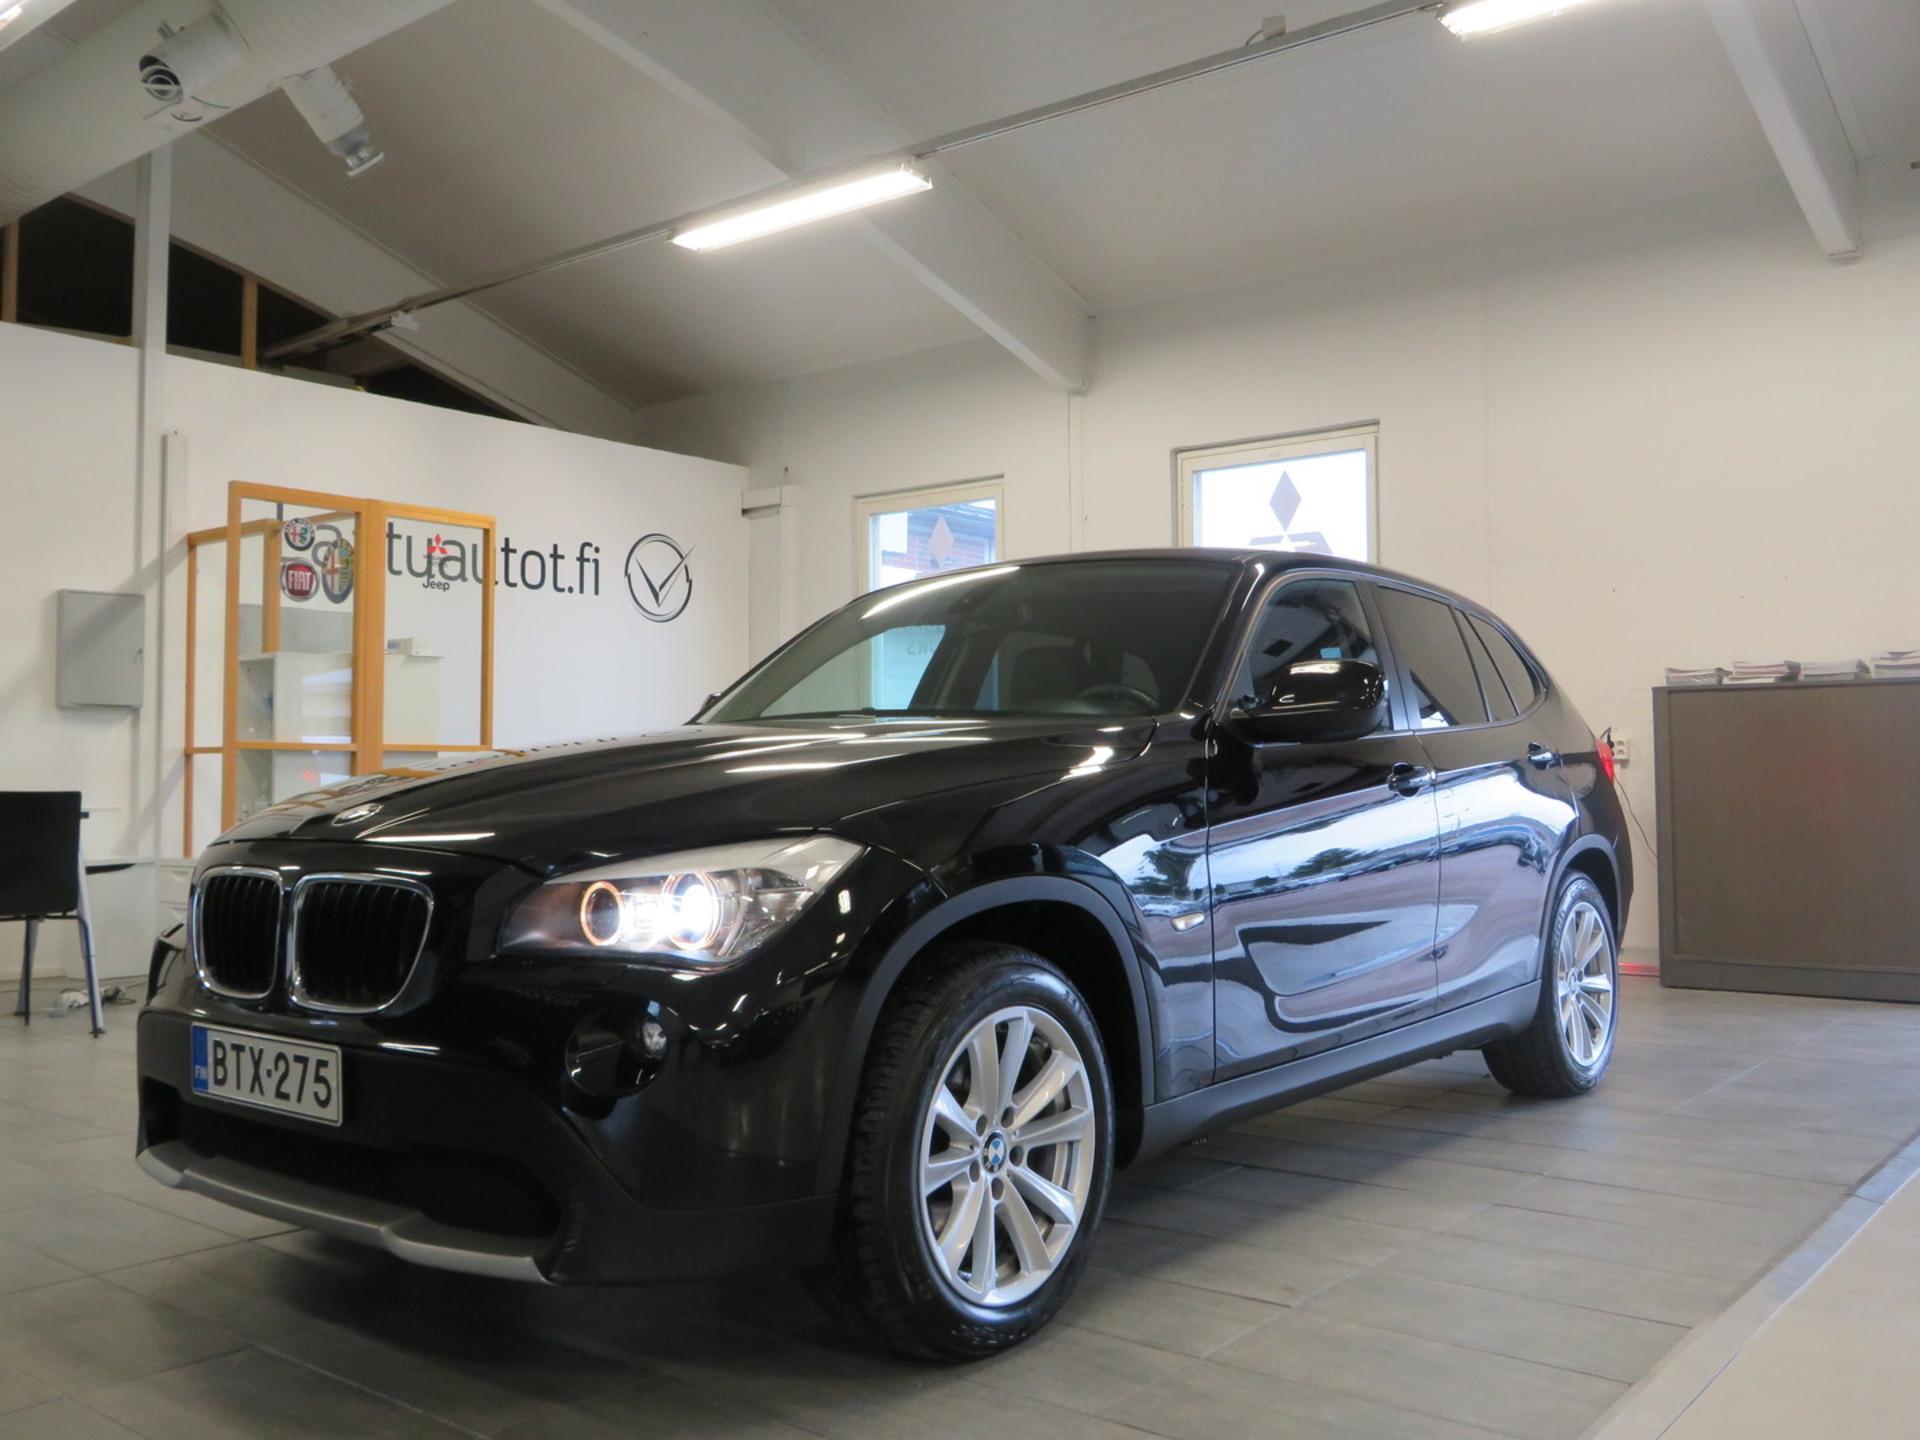 BMW X1 A E84 SAV 20d xDrive - ,  Korko 1, 89%,  rahoitus jopa ilman käsirahaa! Neliveto,  Sport-penkit,  Xenon! Juuri katsastettu ja huollettu!